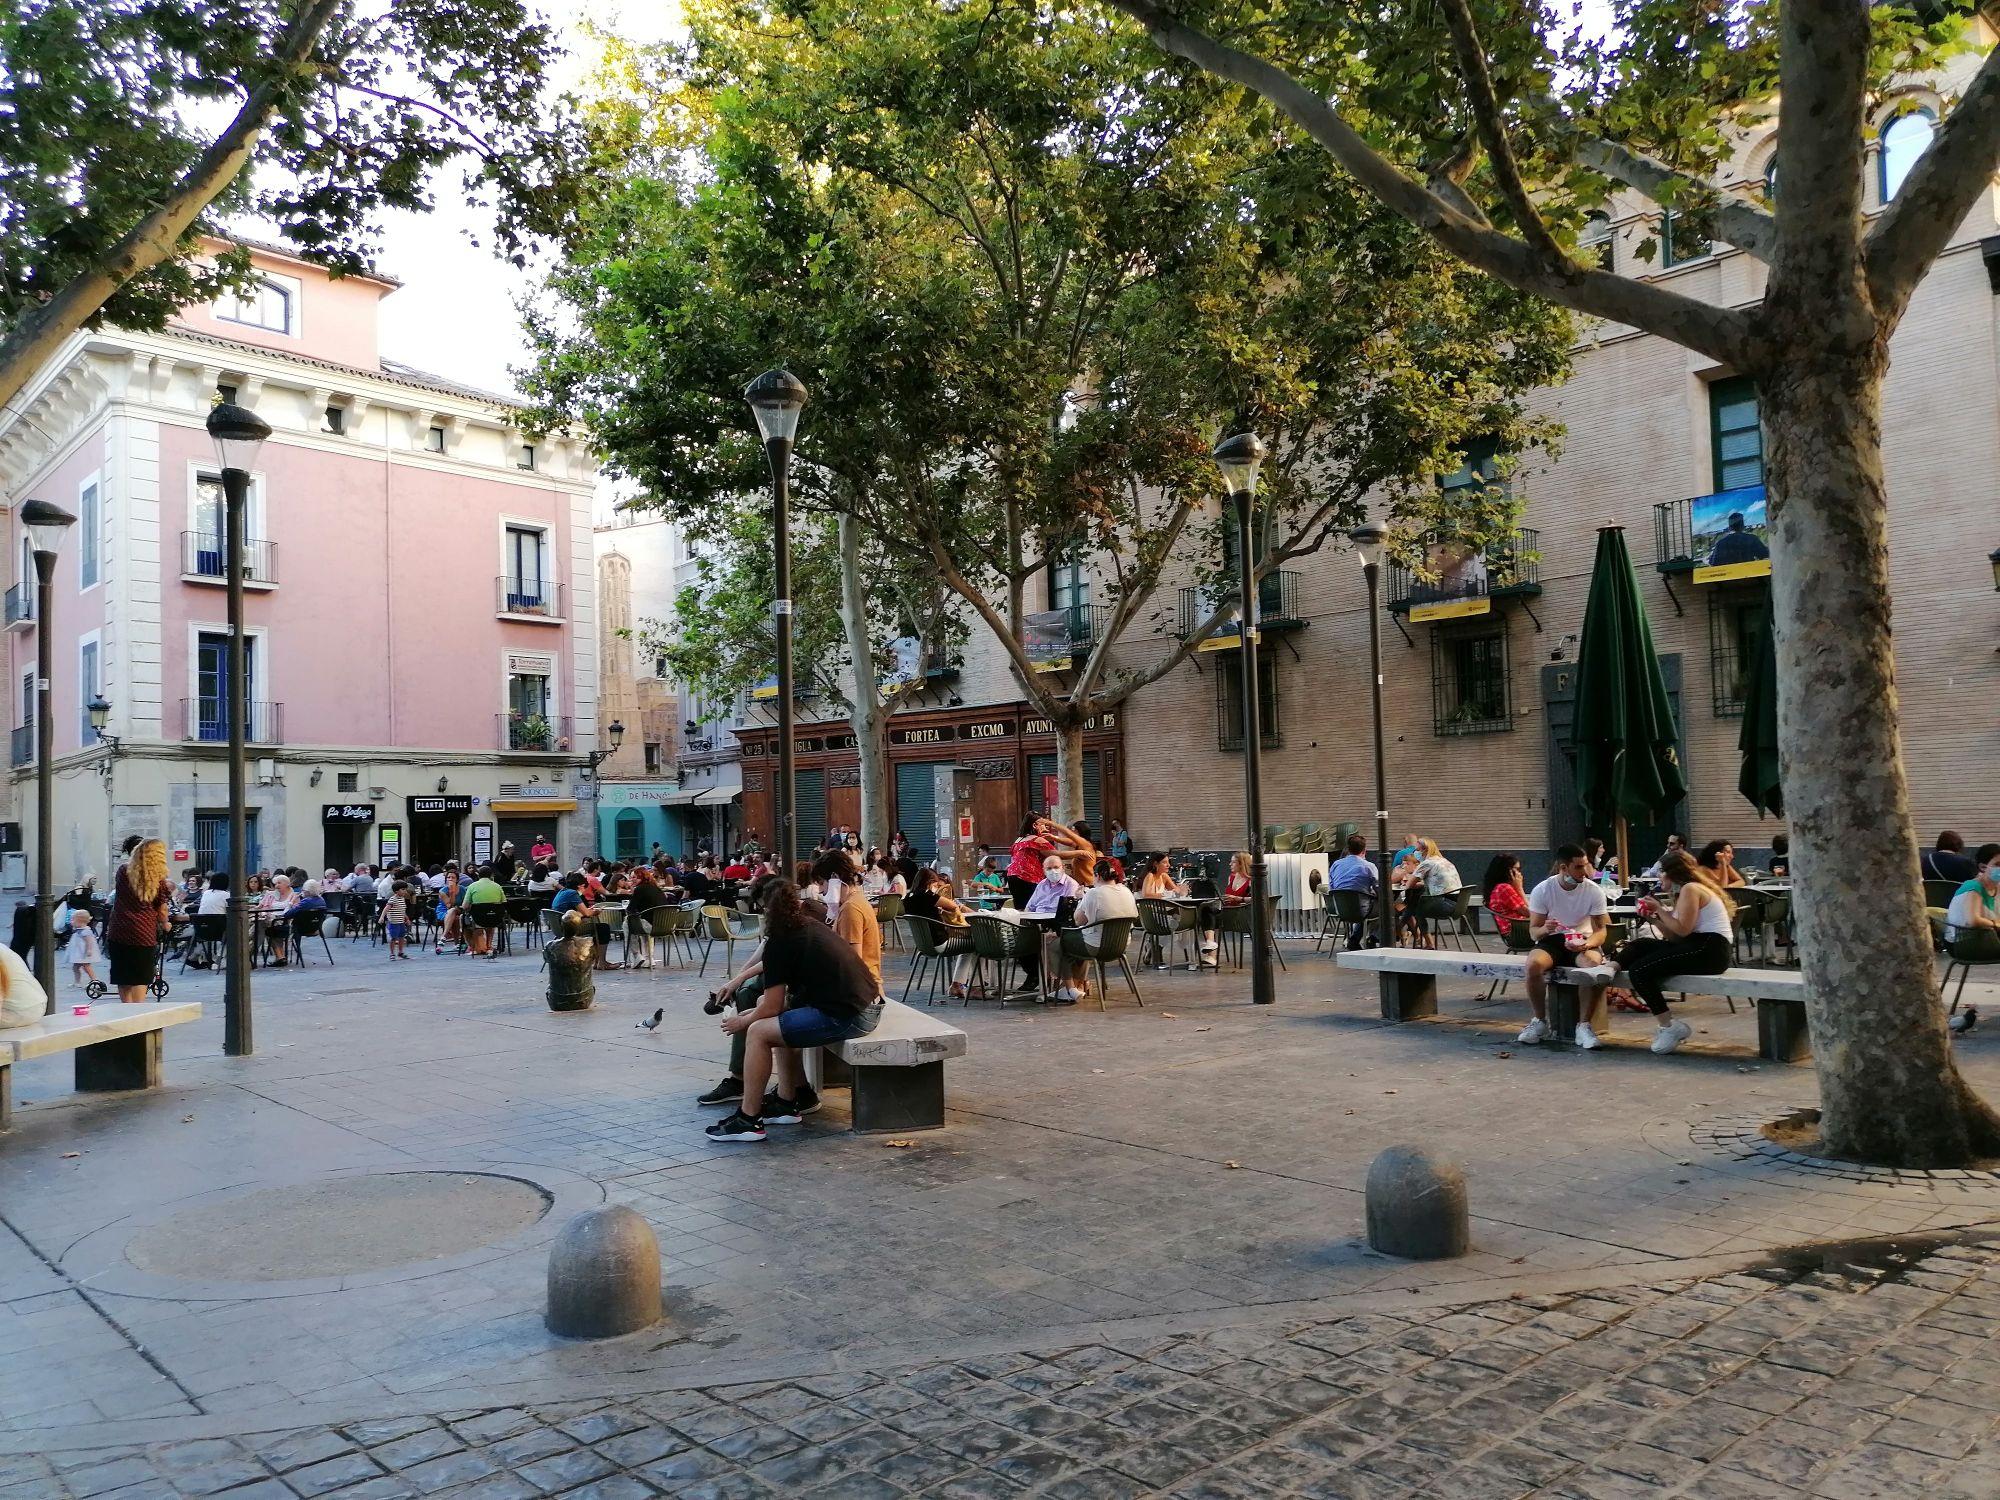 Plaza San Felipe